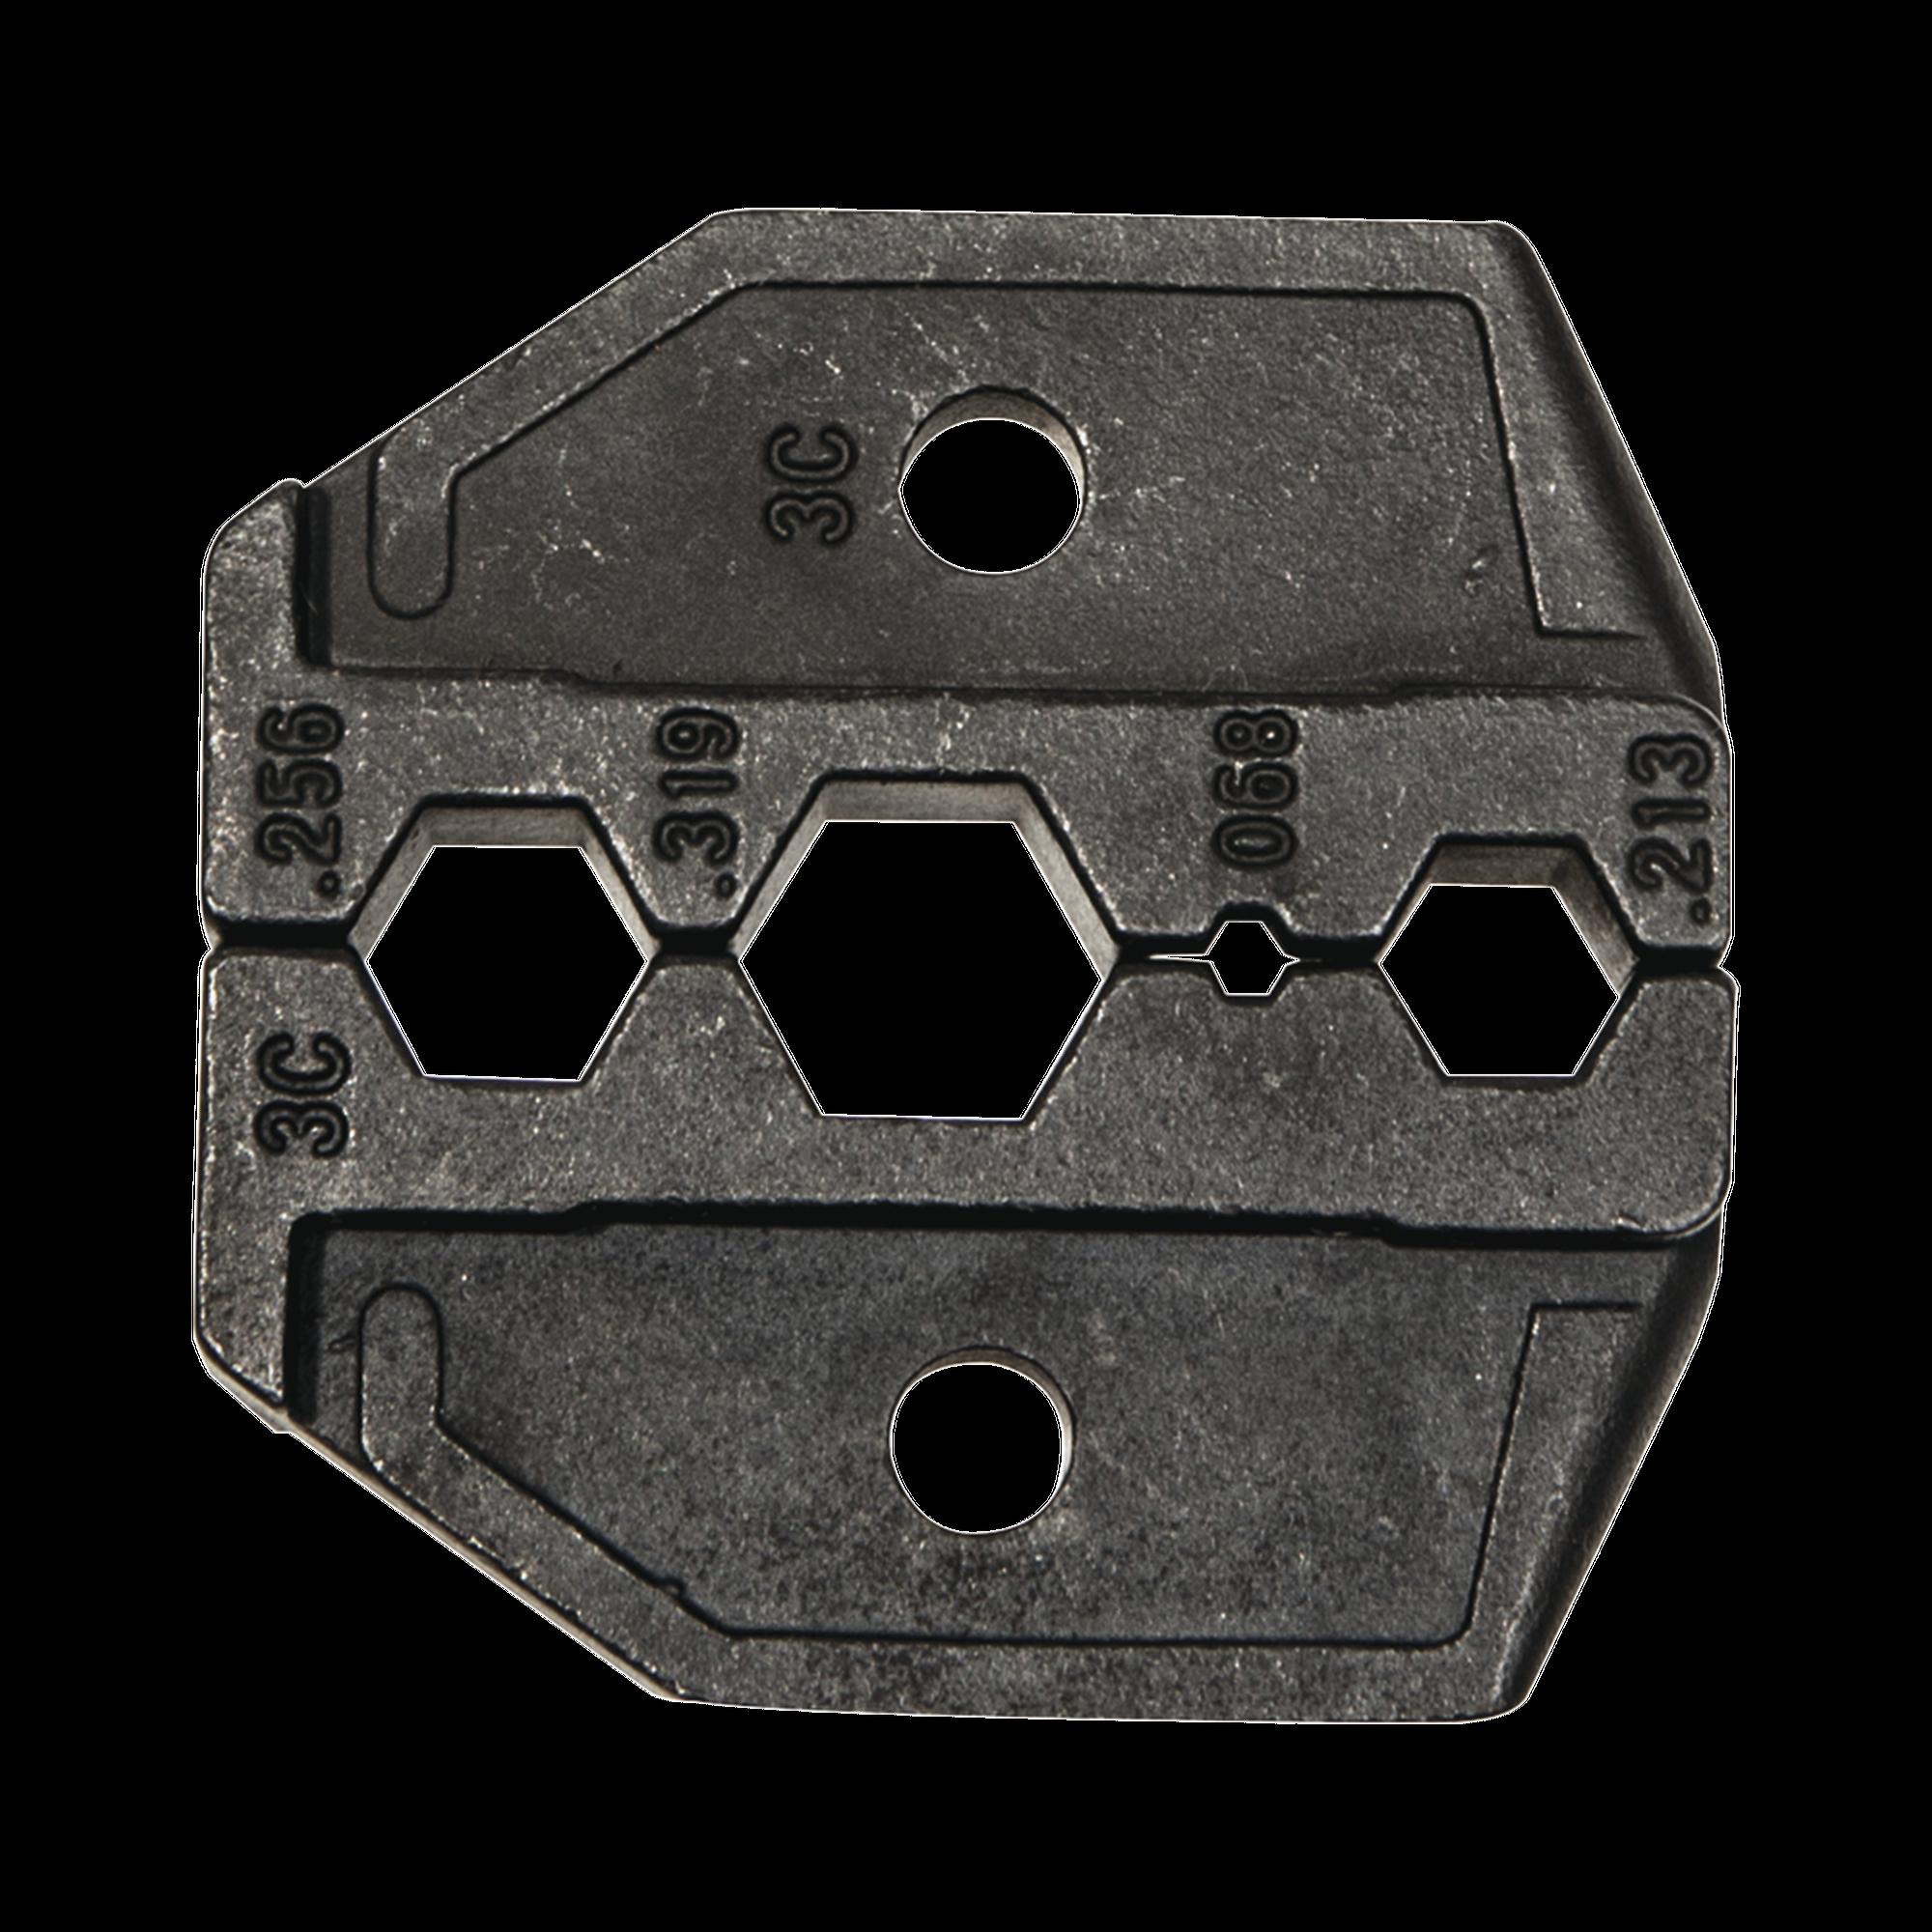 Matriz Ponchadora para Cable Coaxial  RG58, RG59, RG6 y RG62.